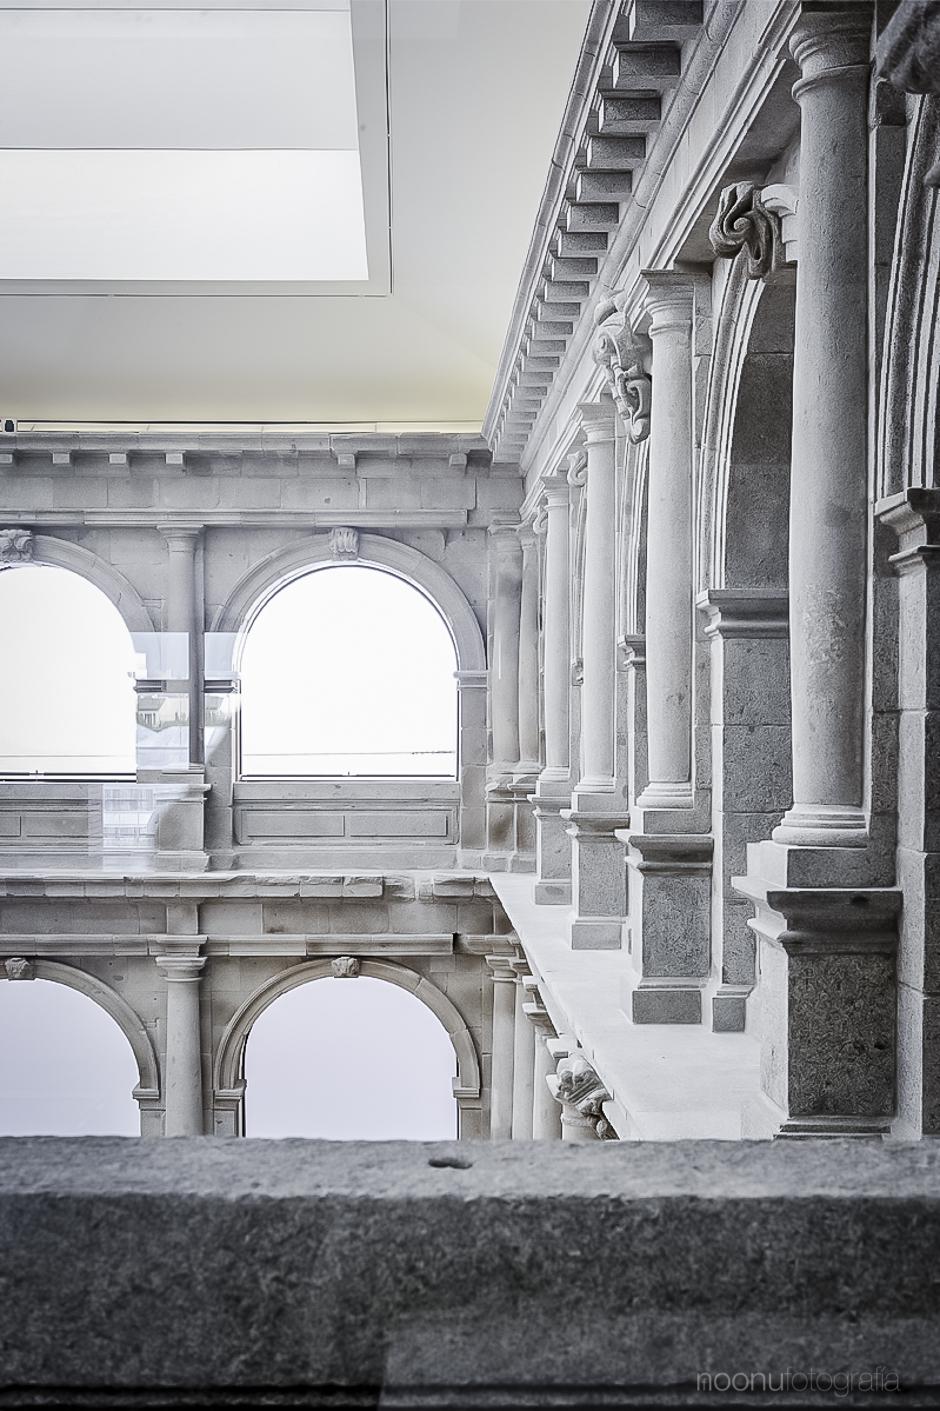 noonu-fotografo-de-espacios-interiores-madrid-prado-5